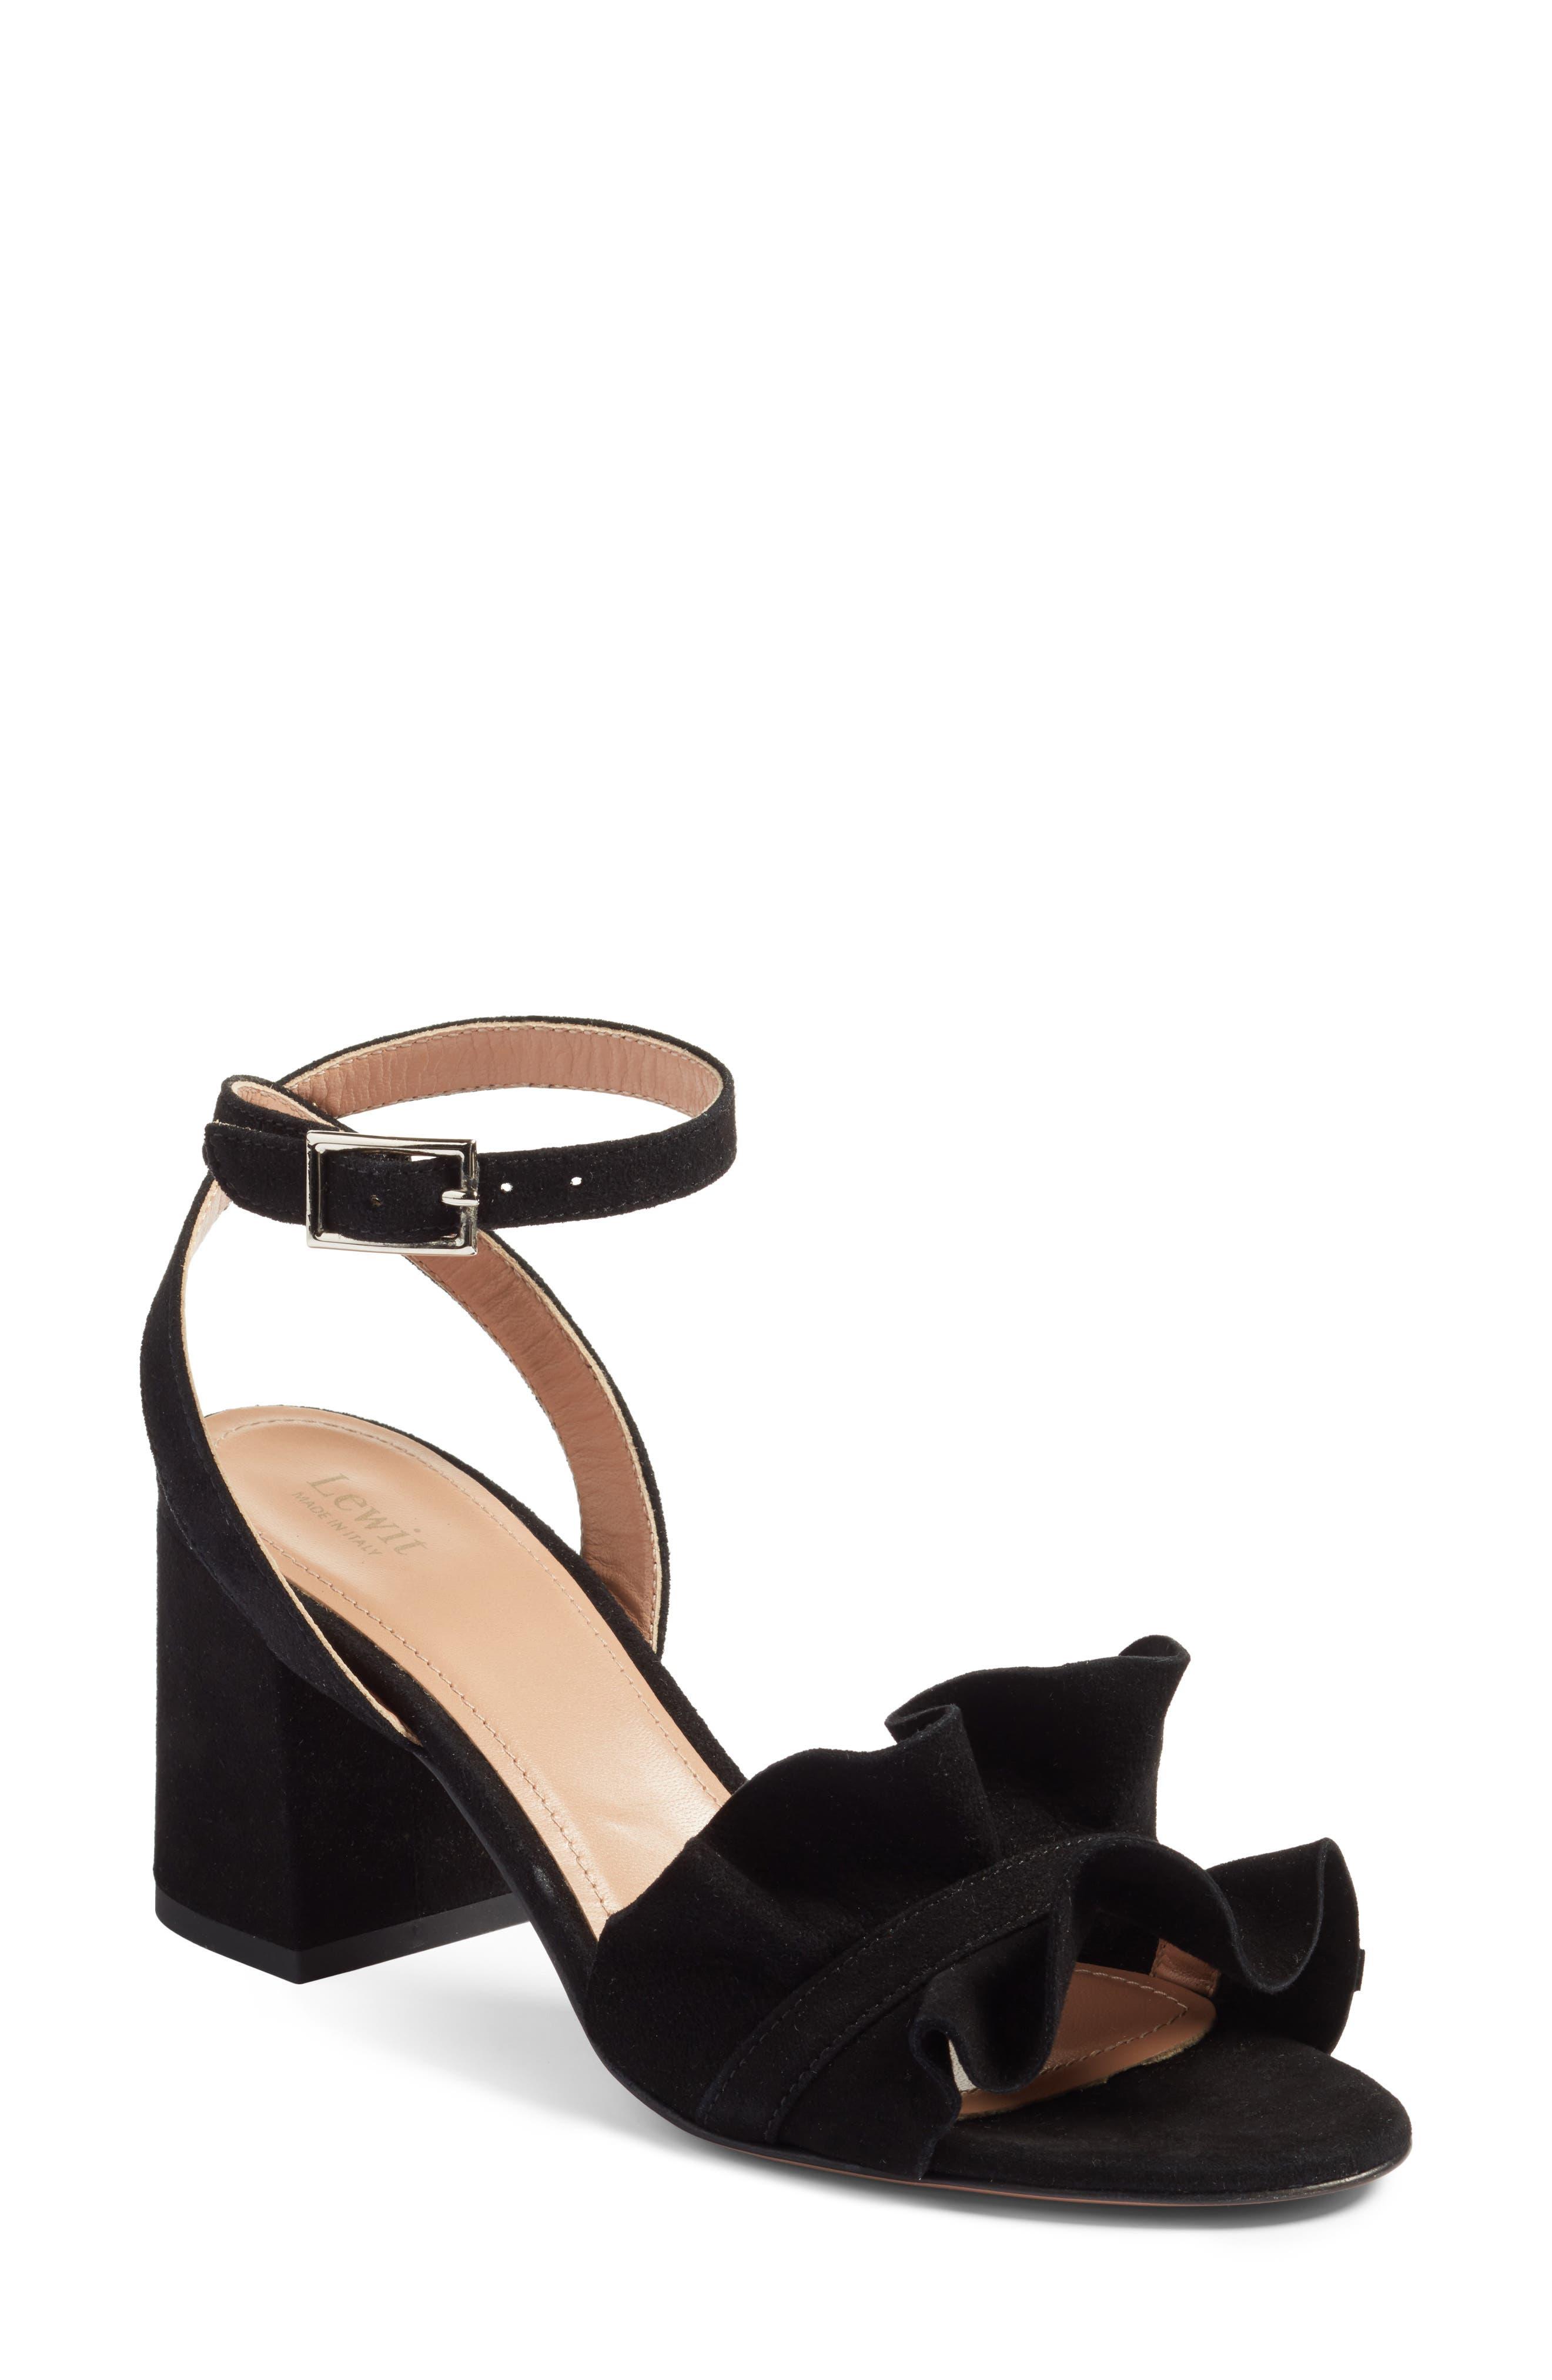 LEWIT Lucina Ankle Strap Sandal